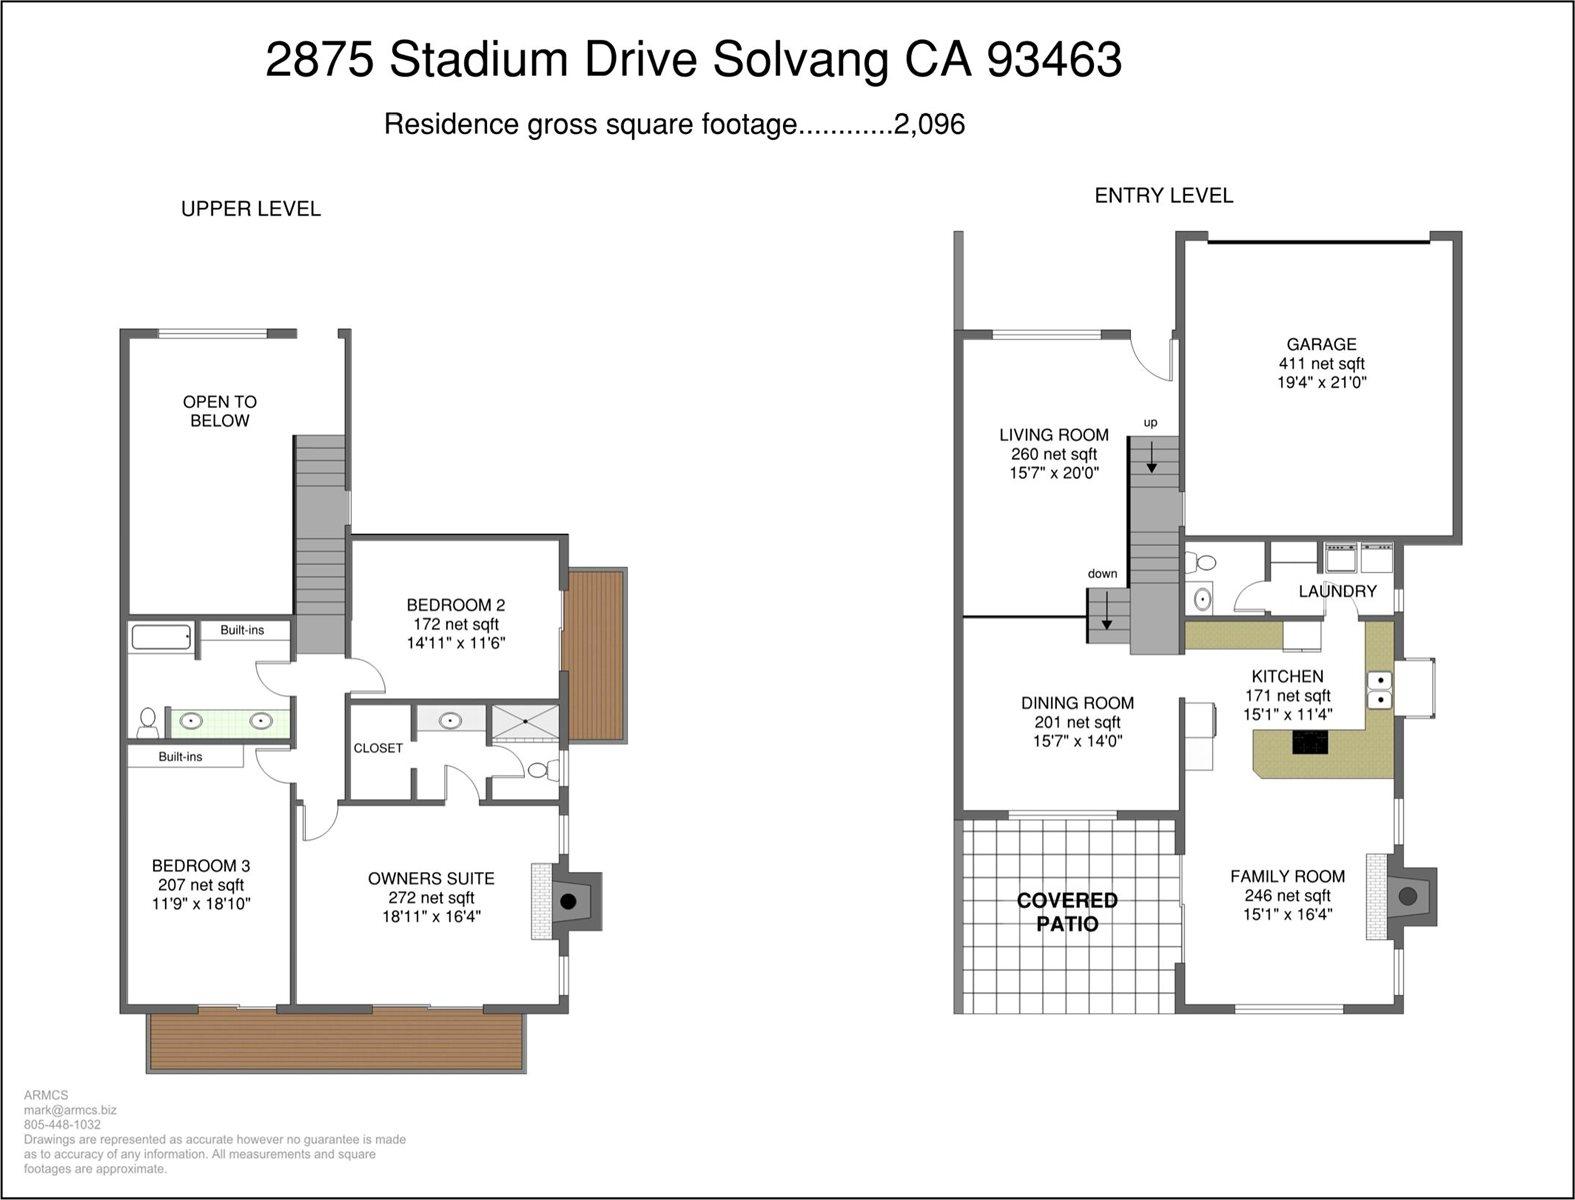 2875 Stadium Dr, Solvang, CA 93463